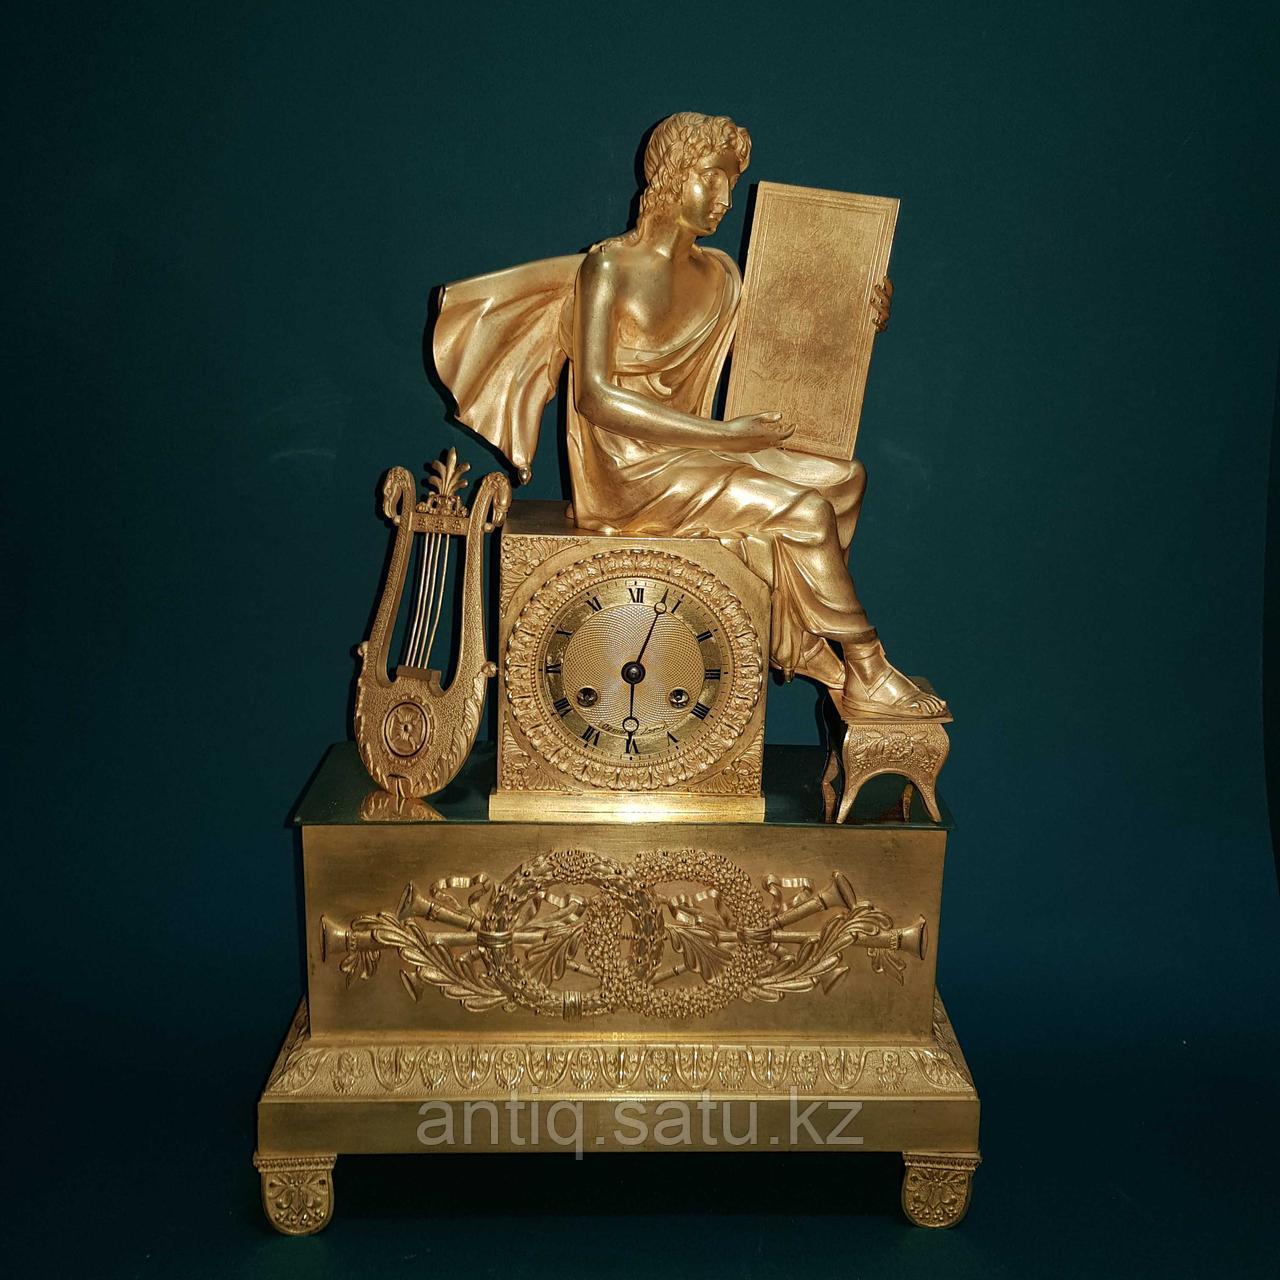 Кабинетные часы в стиле Ампир. Франция. XIX век - фото 4